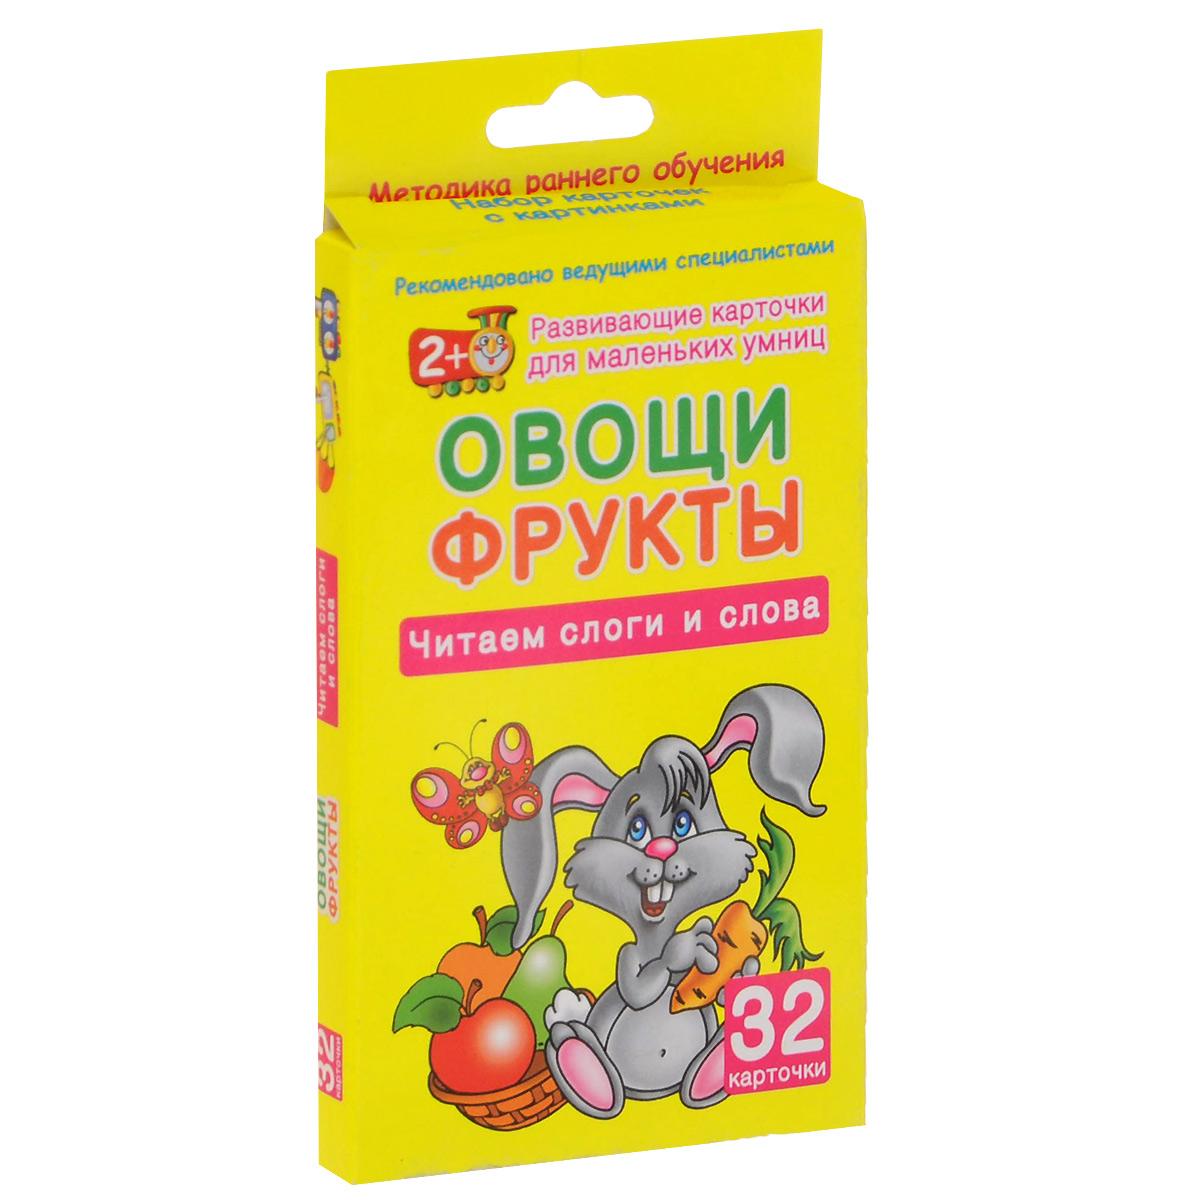 В. Г. Дмитриева Овощи и фрукты. Читаем слоги и слова дмитриева в овощи фрукты читаем слоги и слова 32 карточки 2 isbn 9785170866793